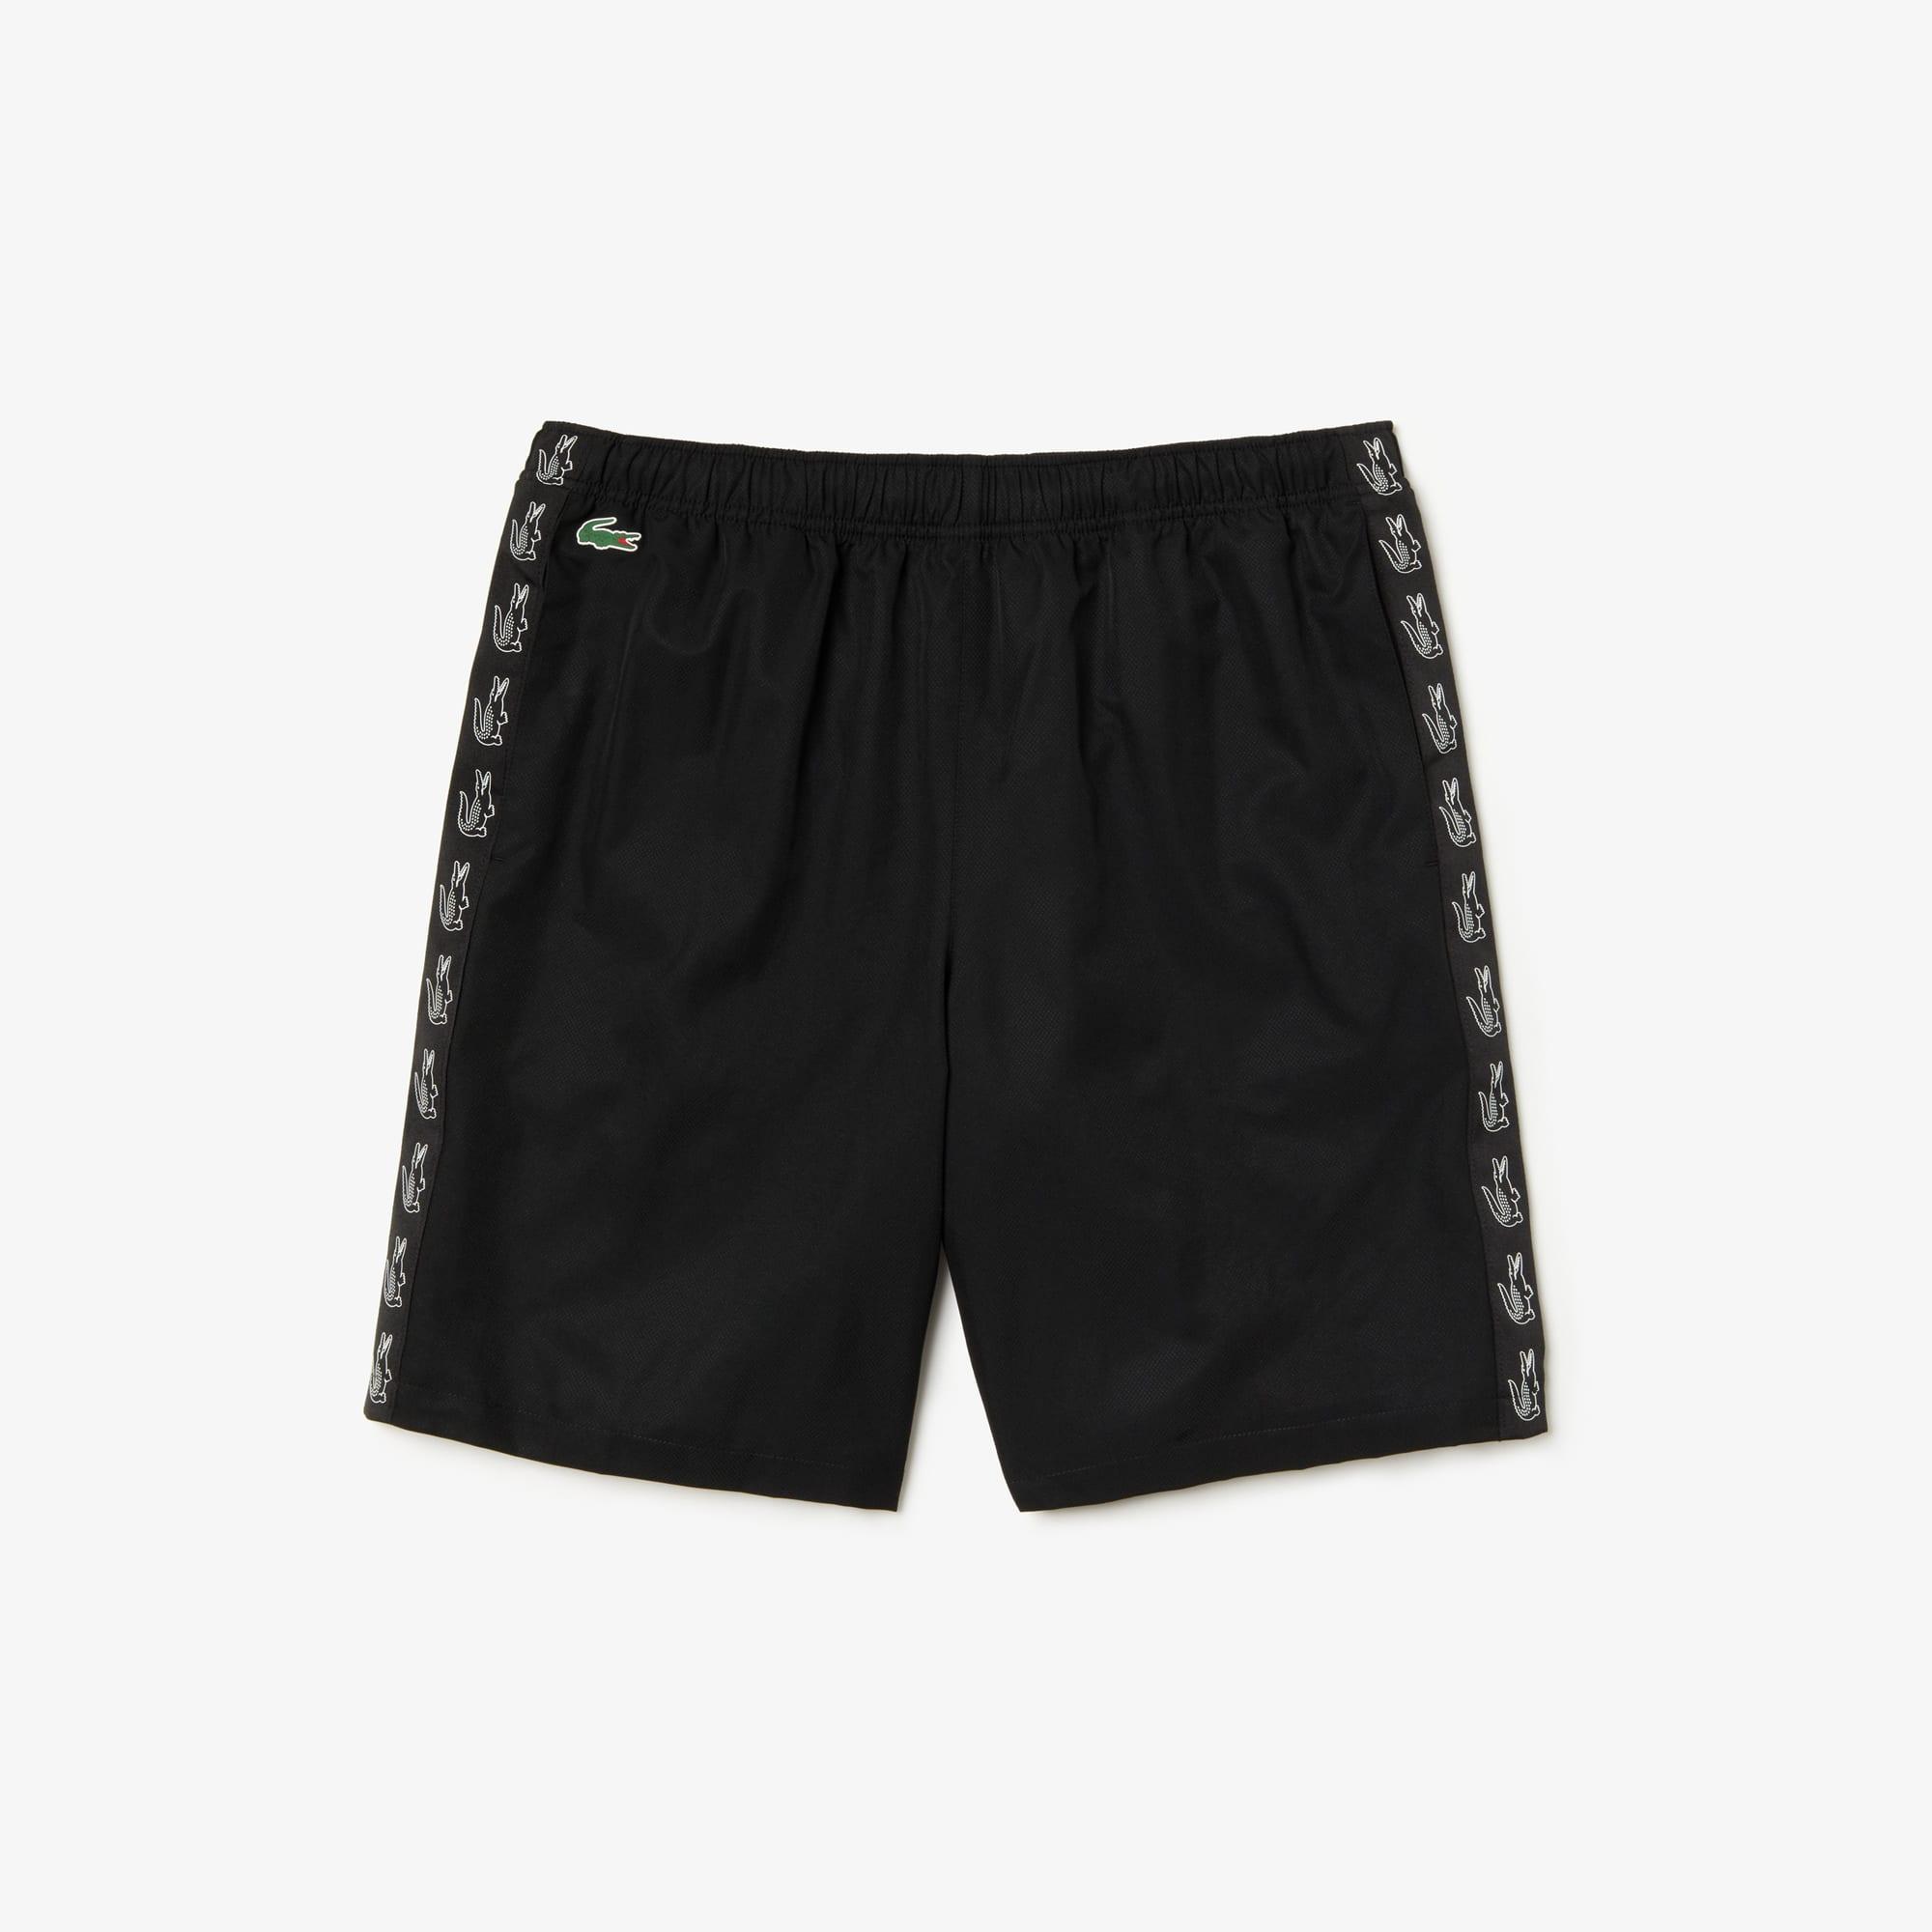 Pantalons   Bermudas Homme   LACOSTE 320d56b07f7